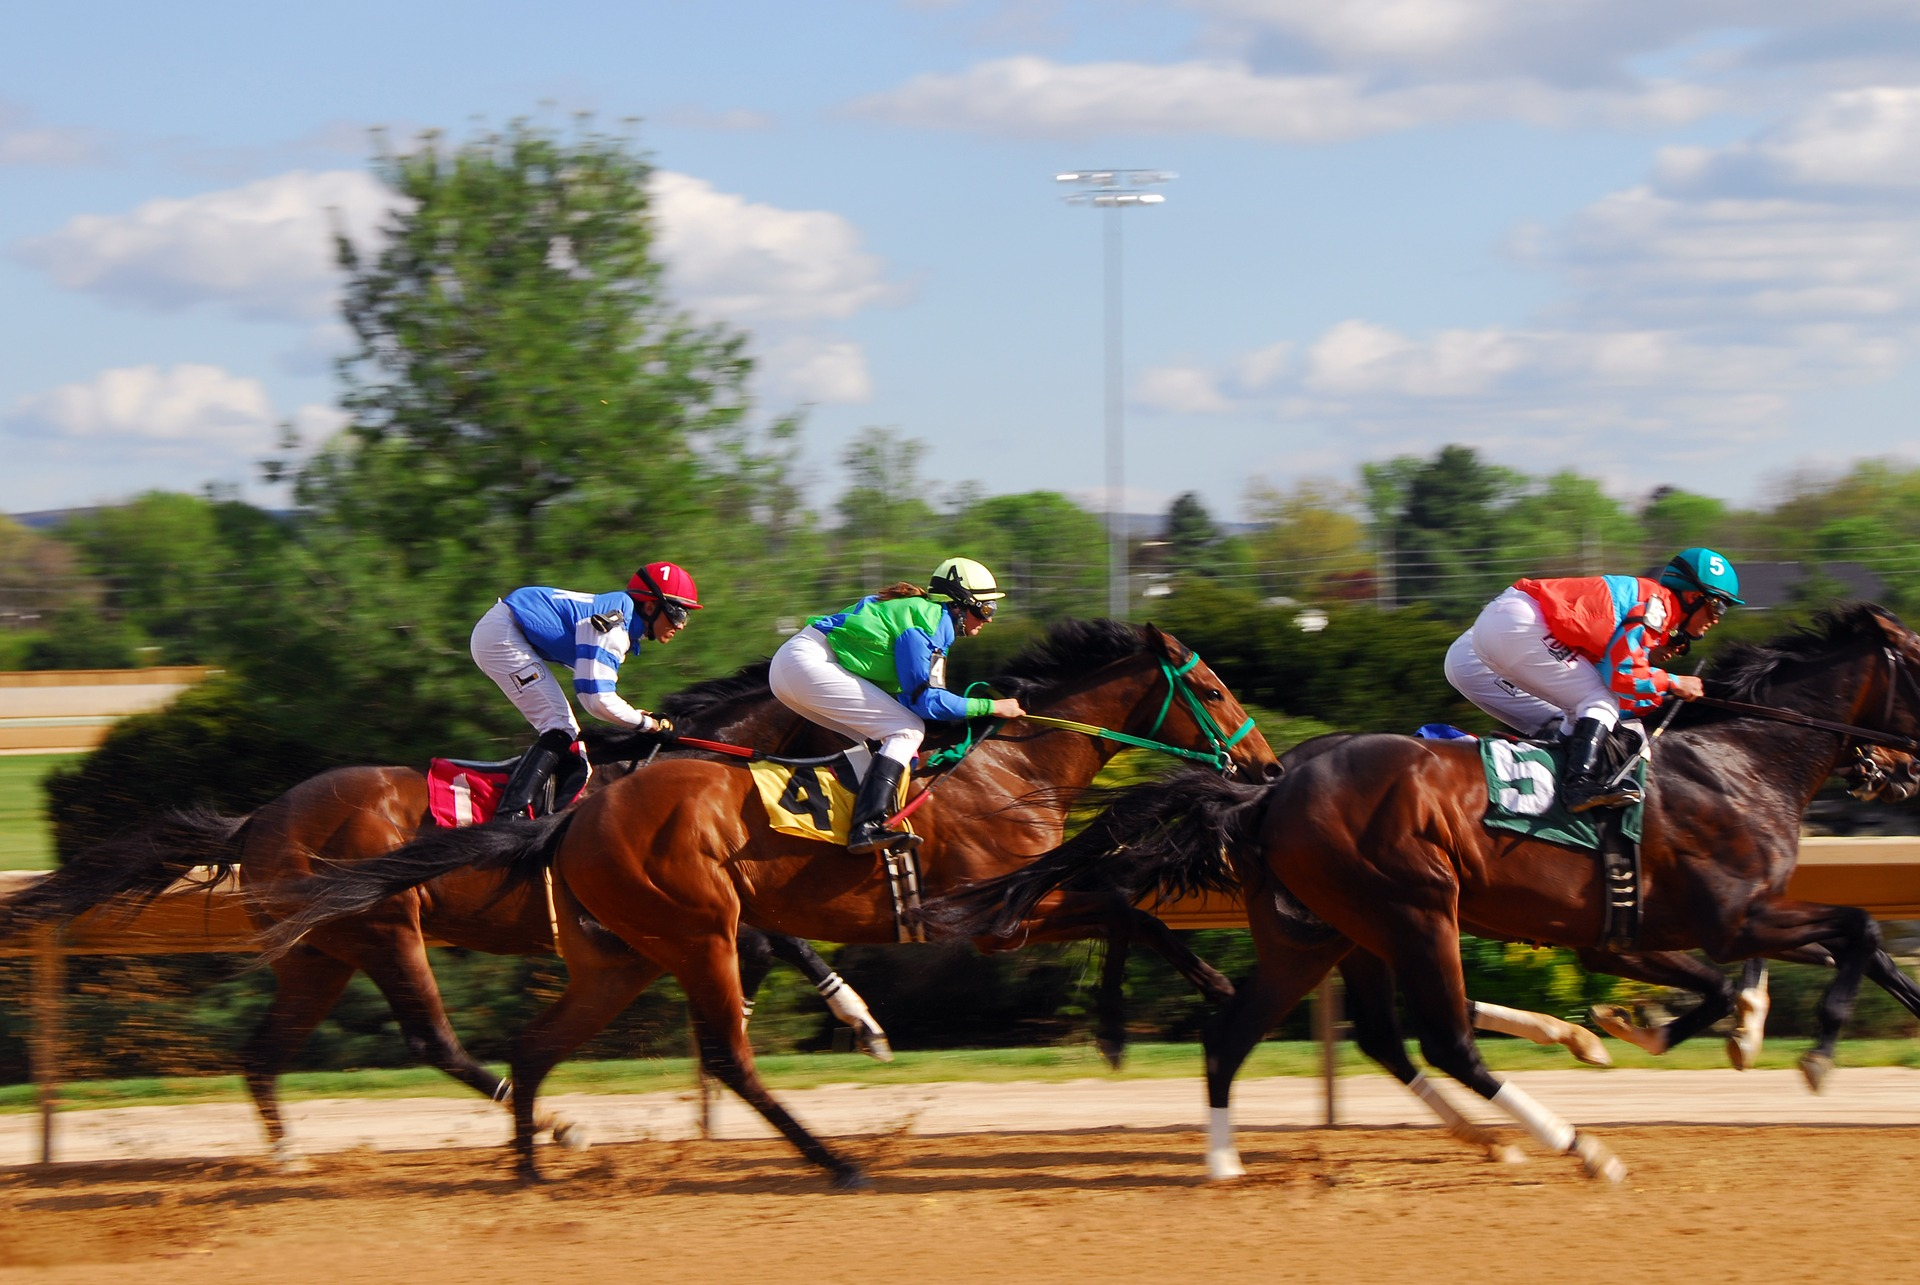 Dokąd udać się na wyścigi konne i jak obstawiać jeździeckich faworytów